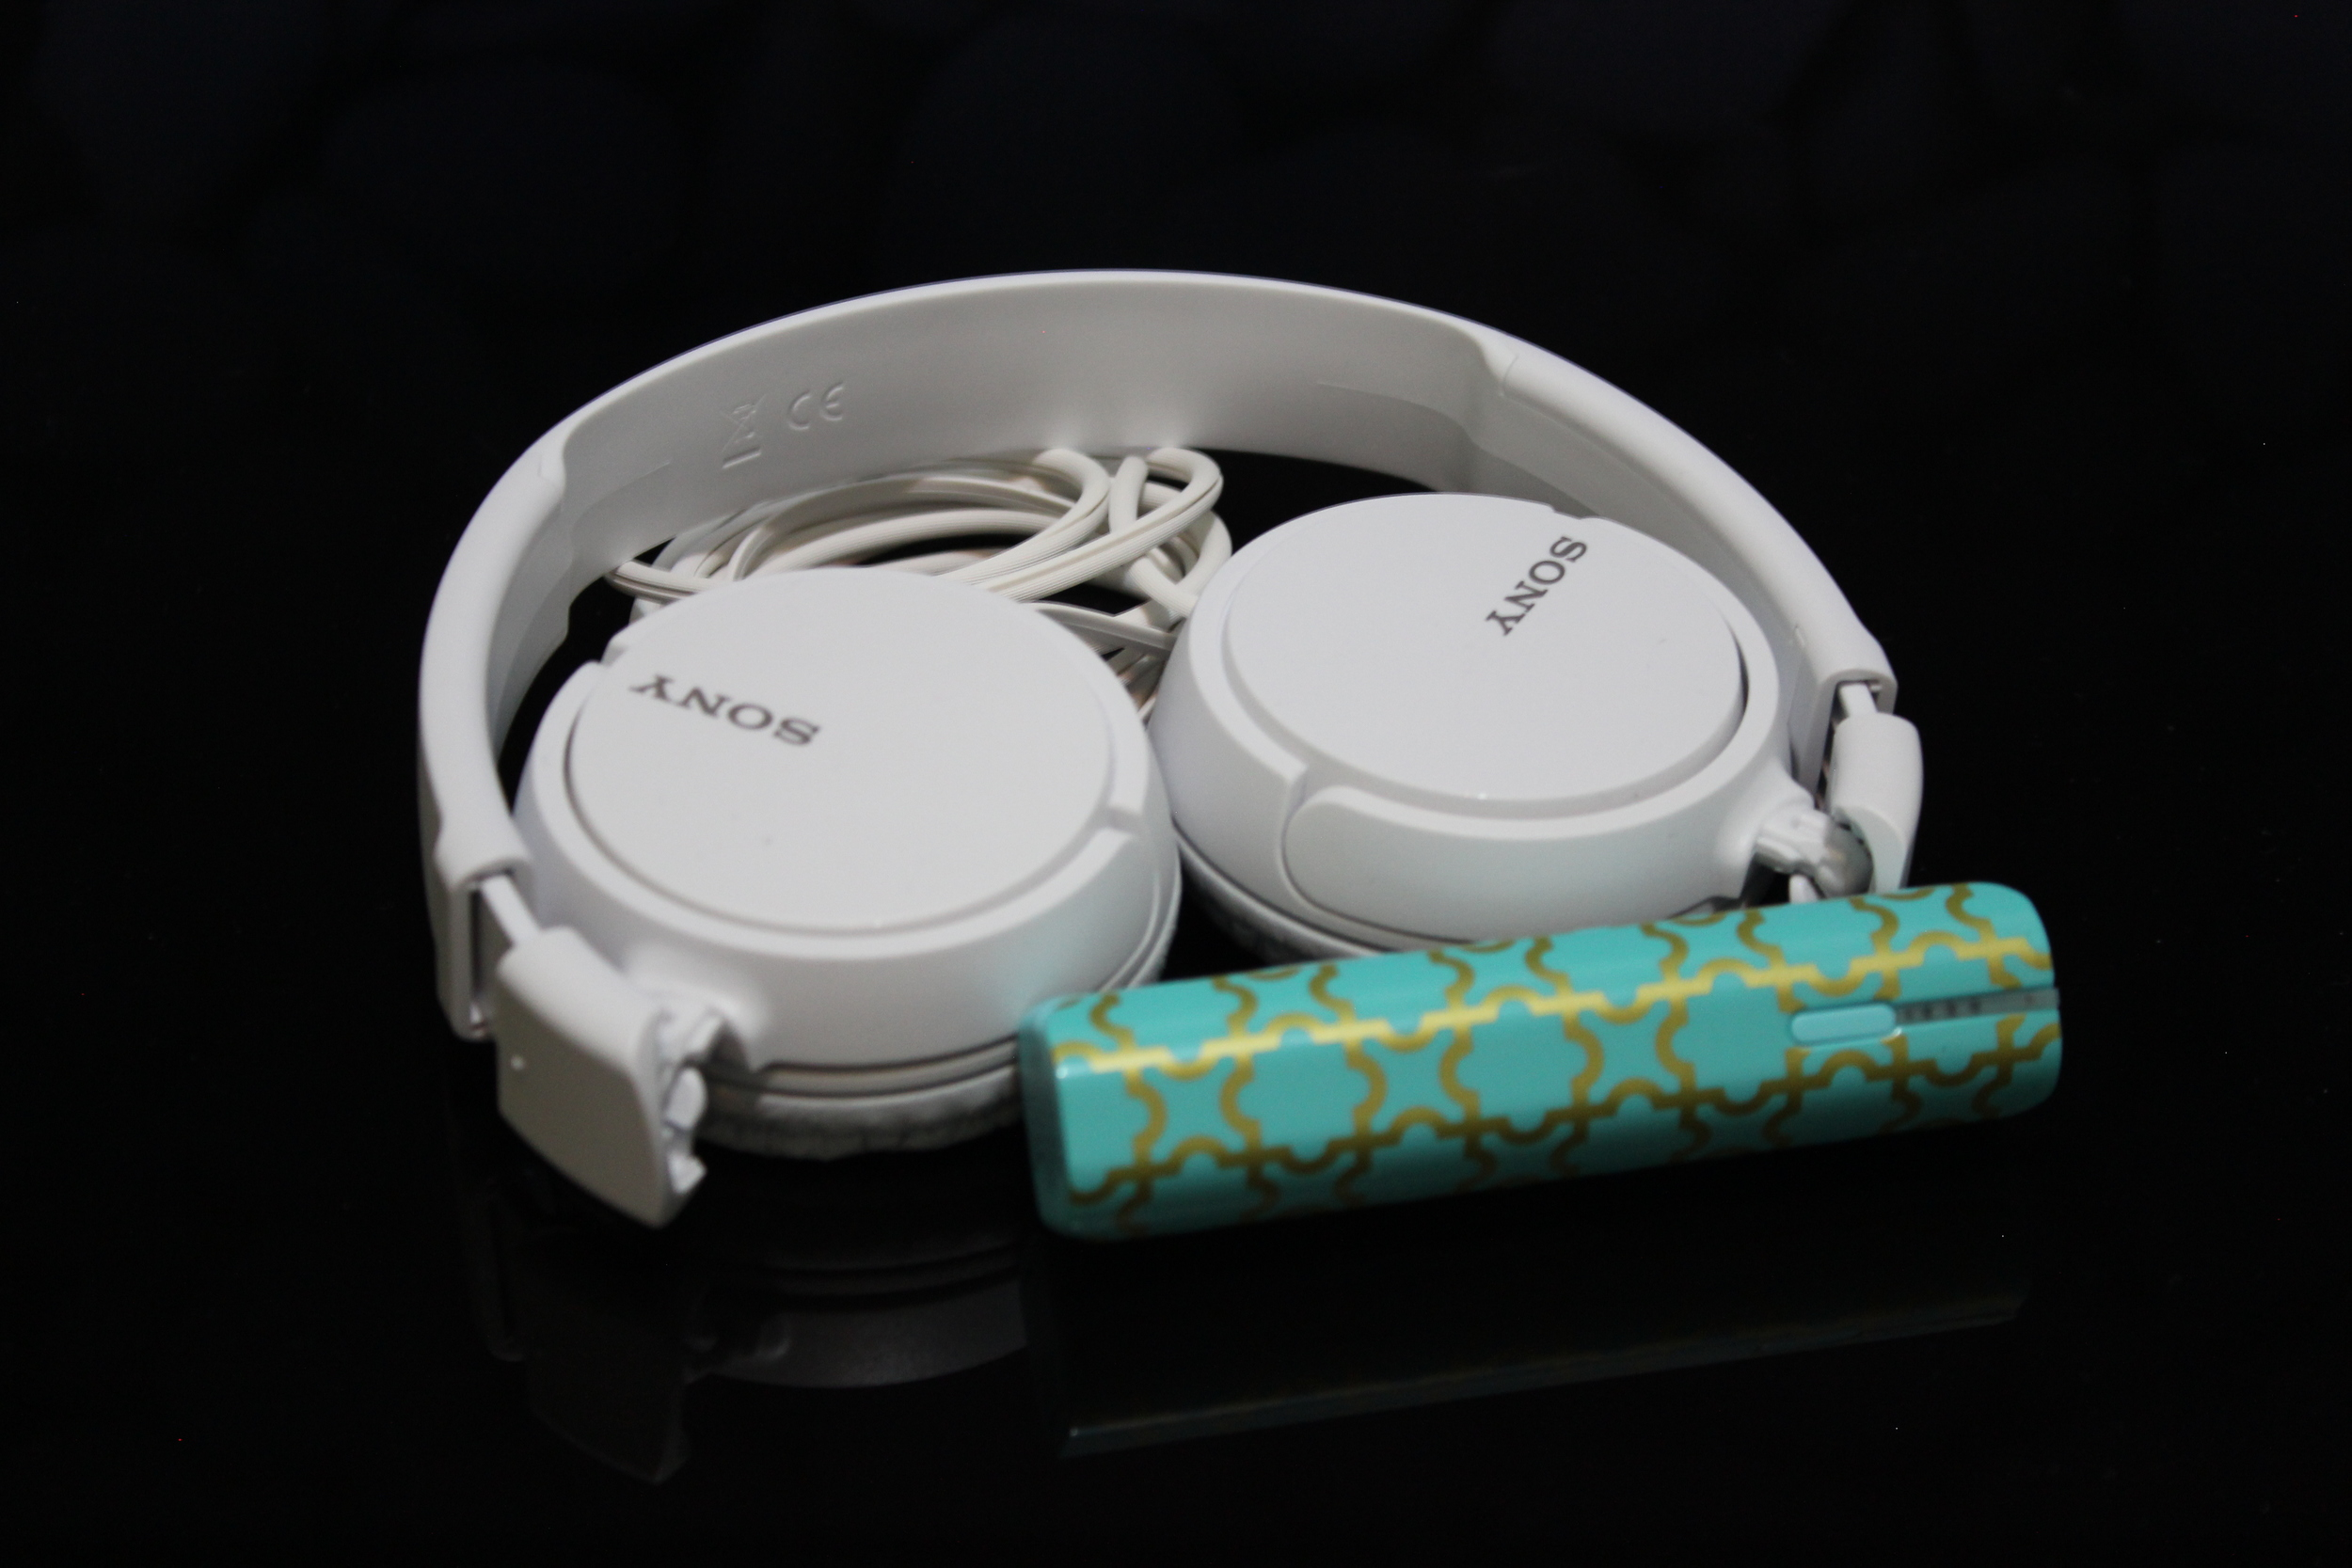 Headphone Sony e Bateria extra PNY - Foto por Bruno França